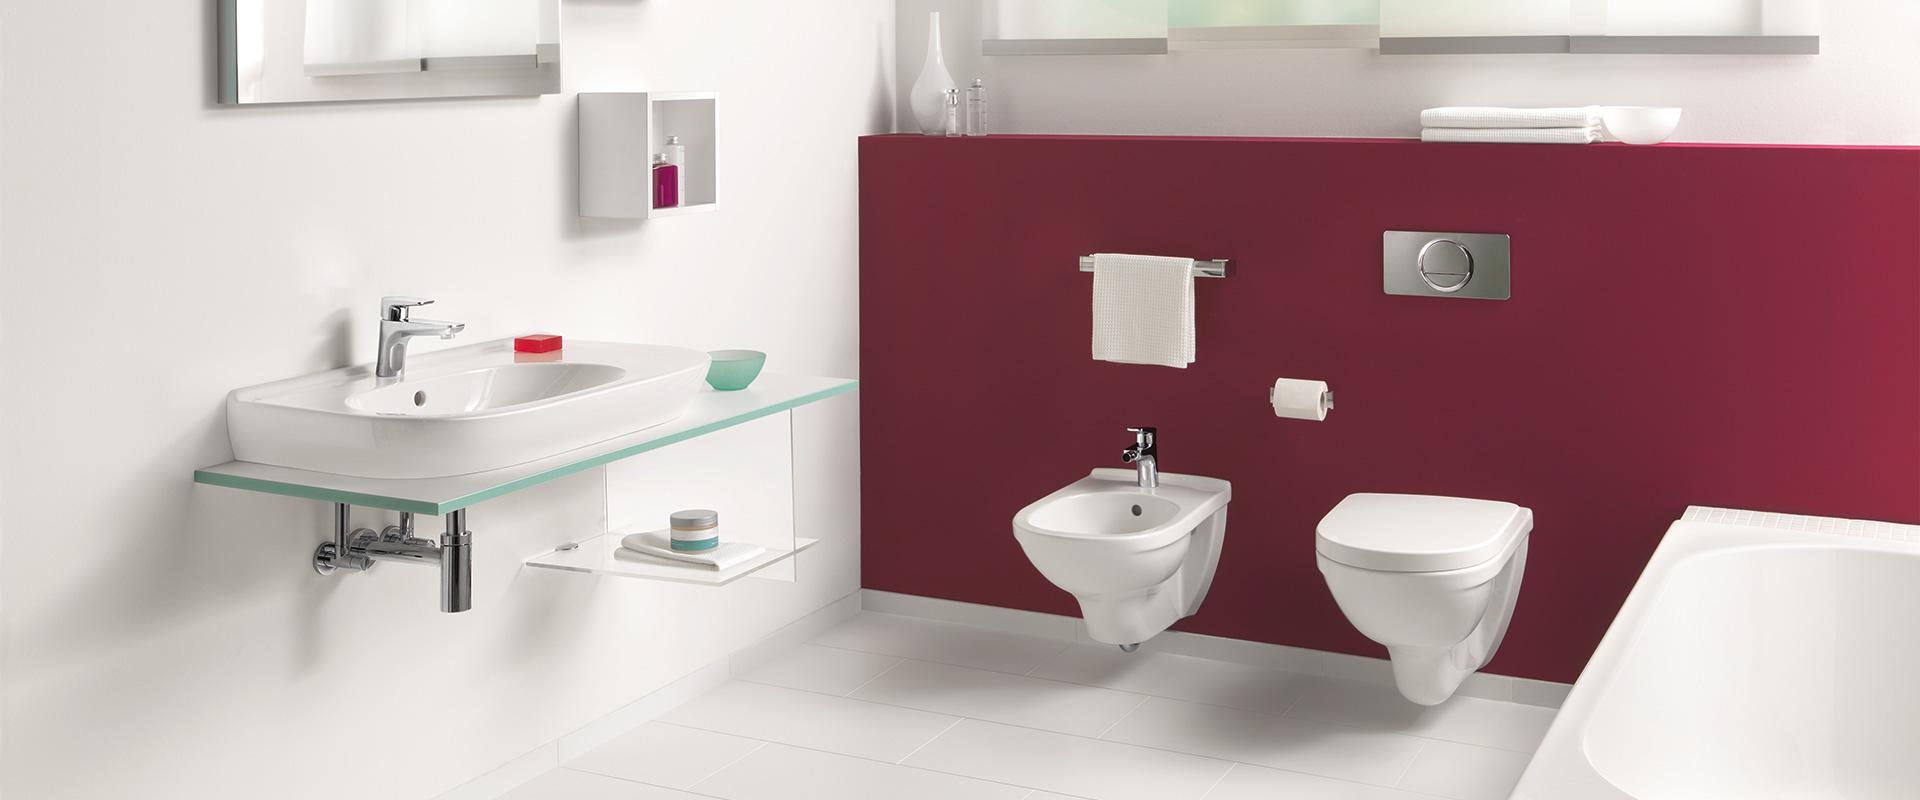 Villeroy Boch Badewanne war tolle stil für ihr haus design ideen